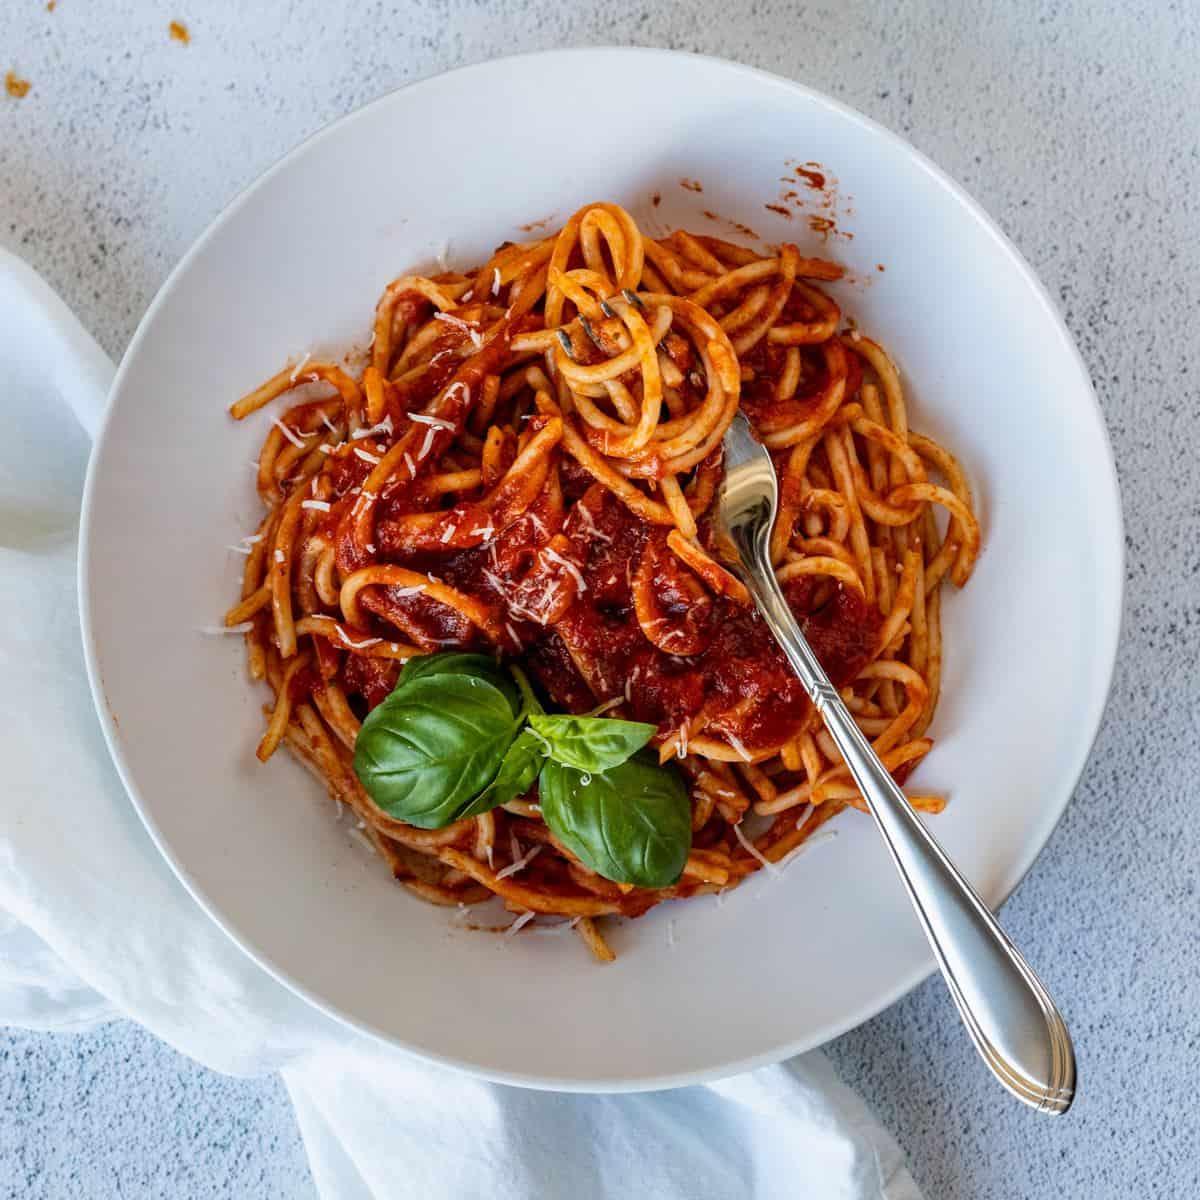 Spaghetti in a white plate.